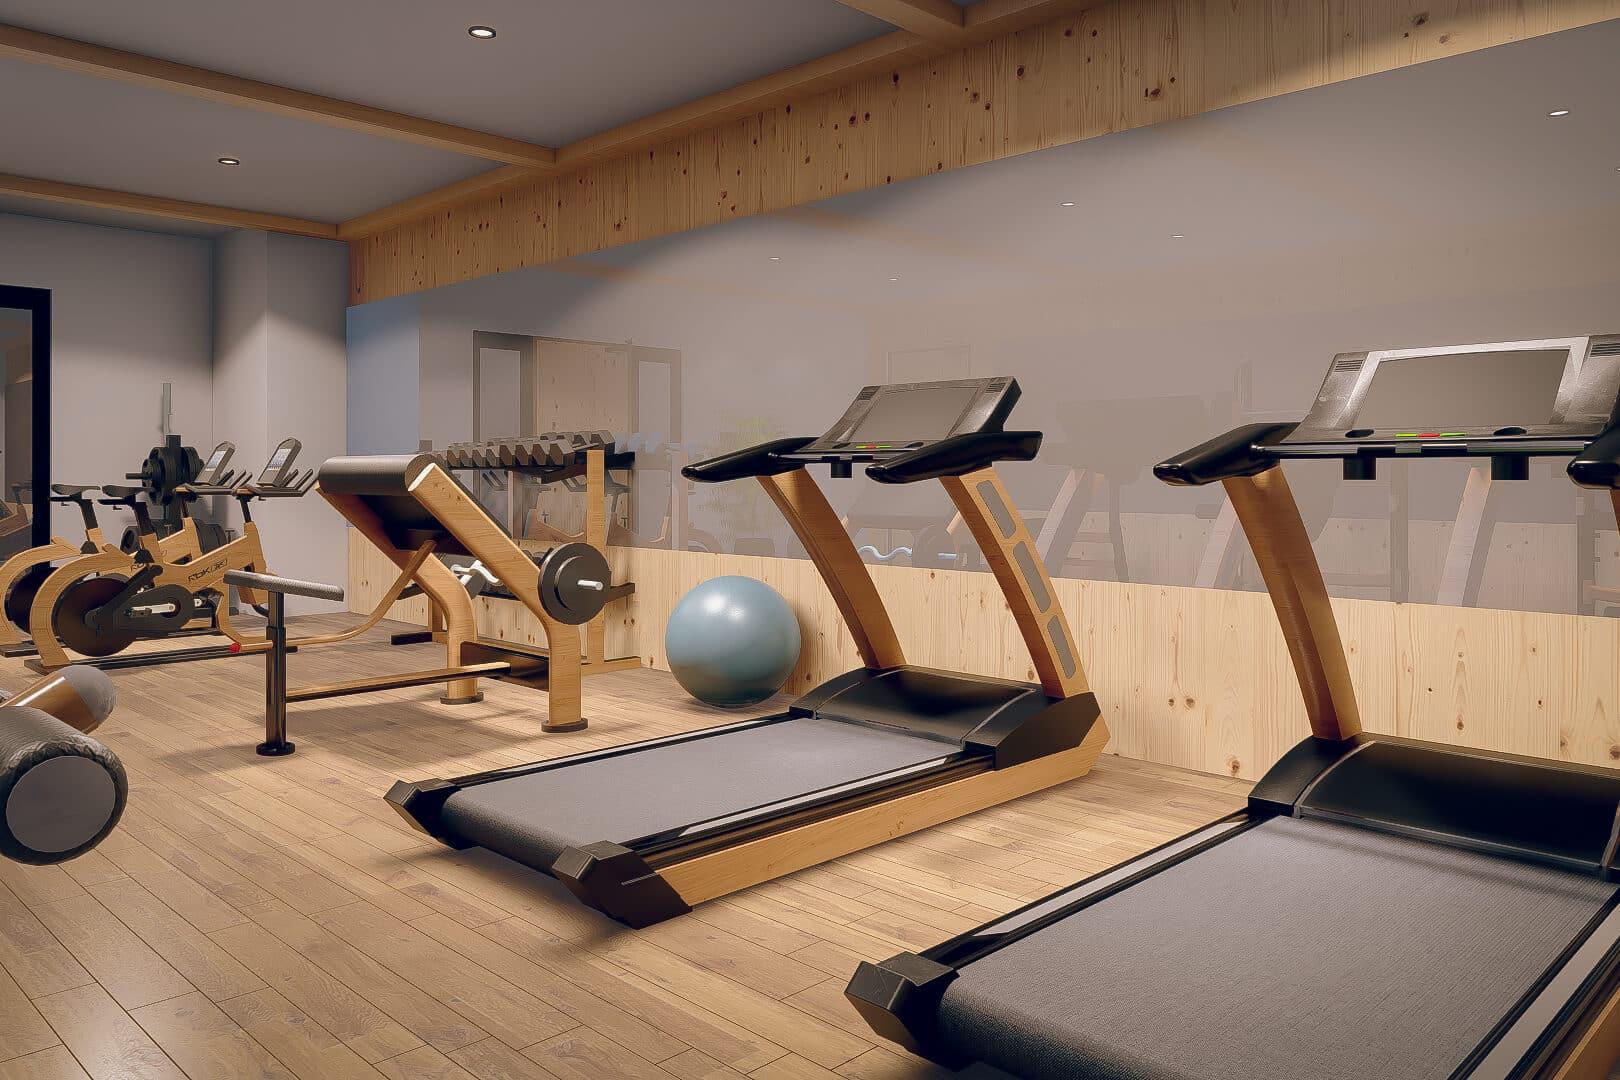 Einen Fitnessraum mit modernen Geräten finden Sie im Erdgeschoss